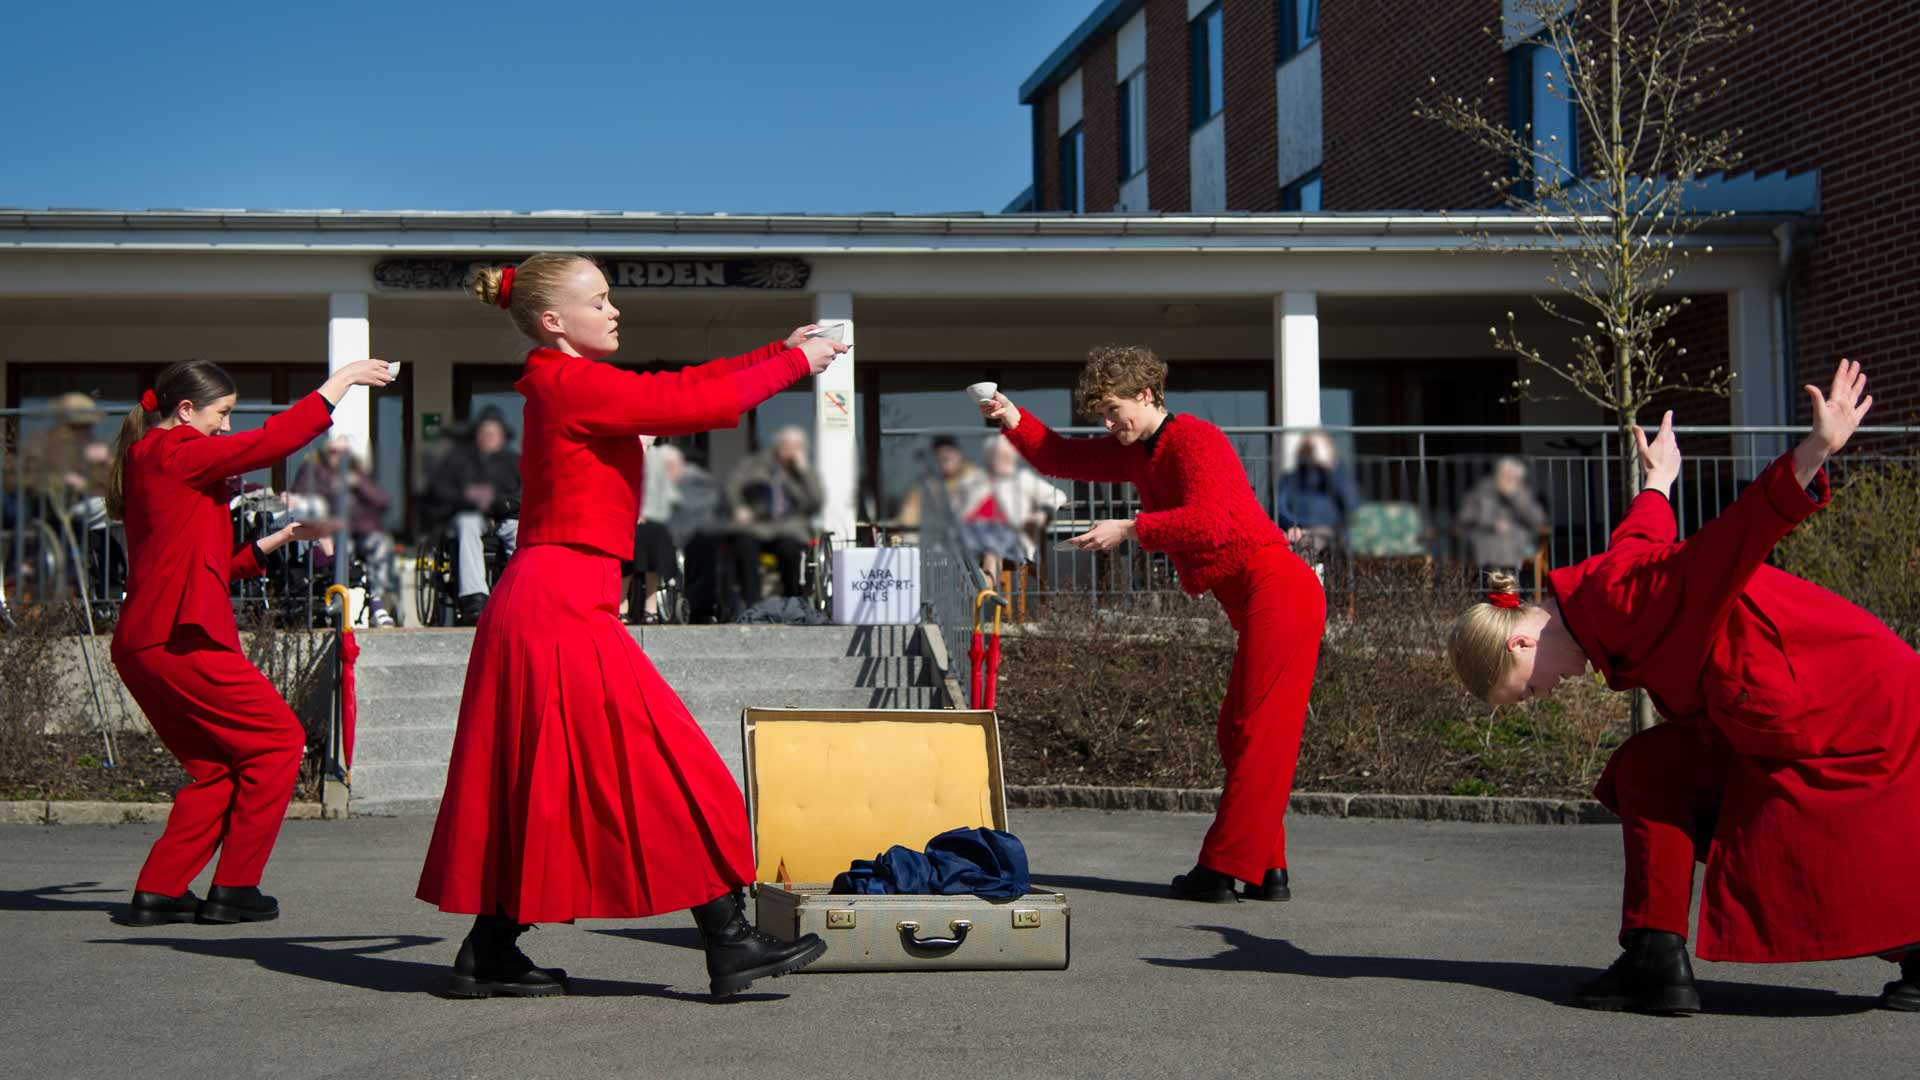 Rödklädda dansare utanför ett äldreboende